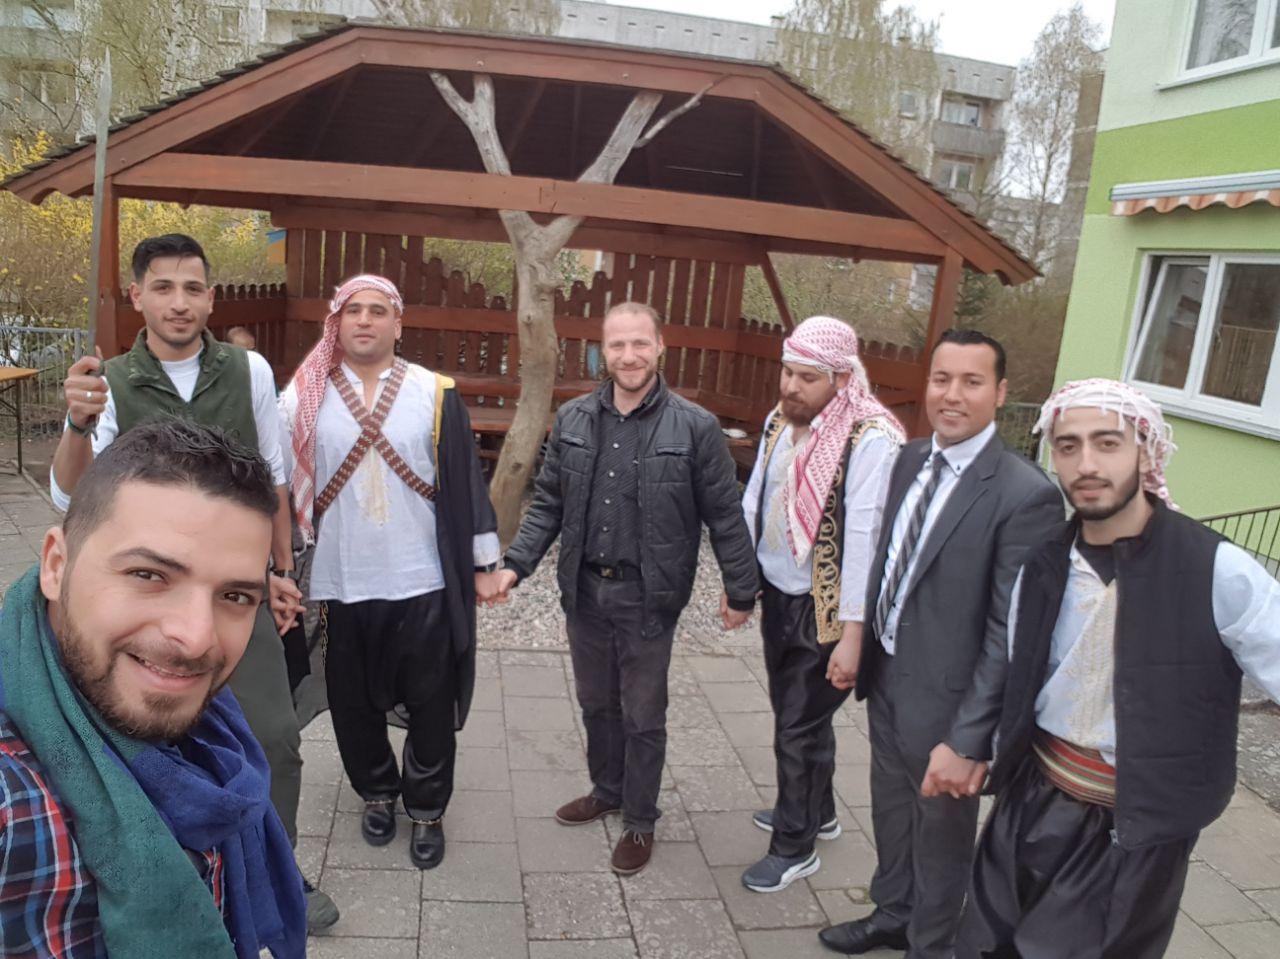 syrischeszentrum00004